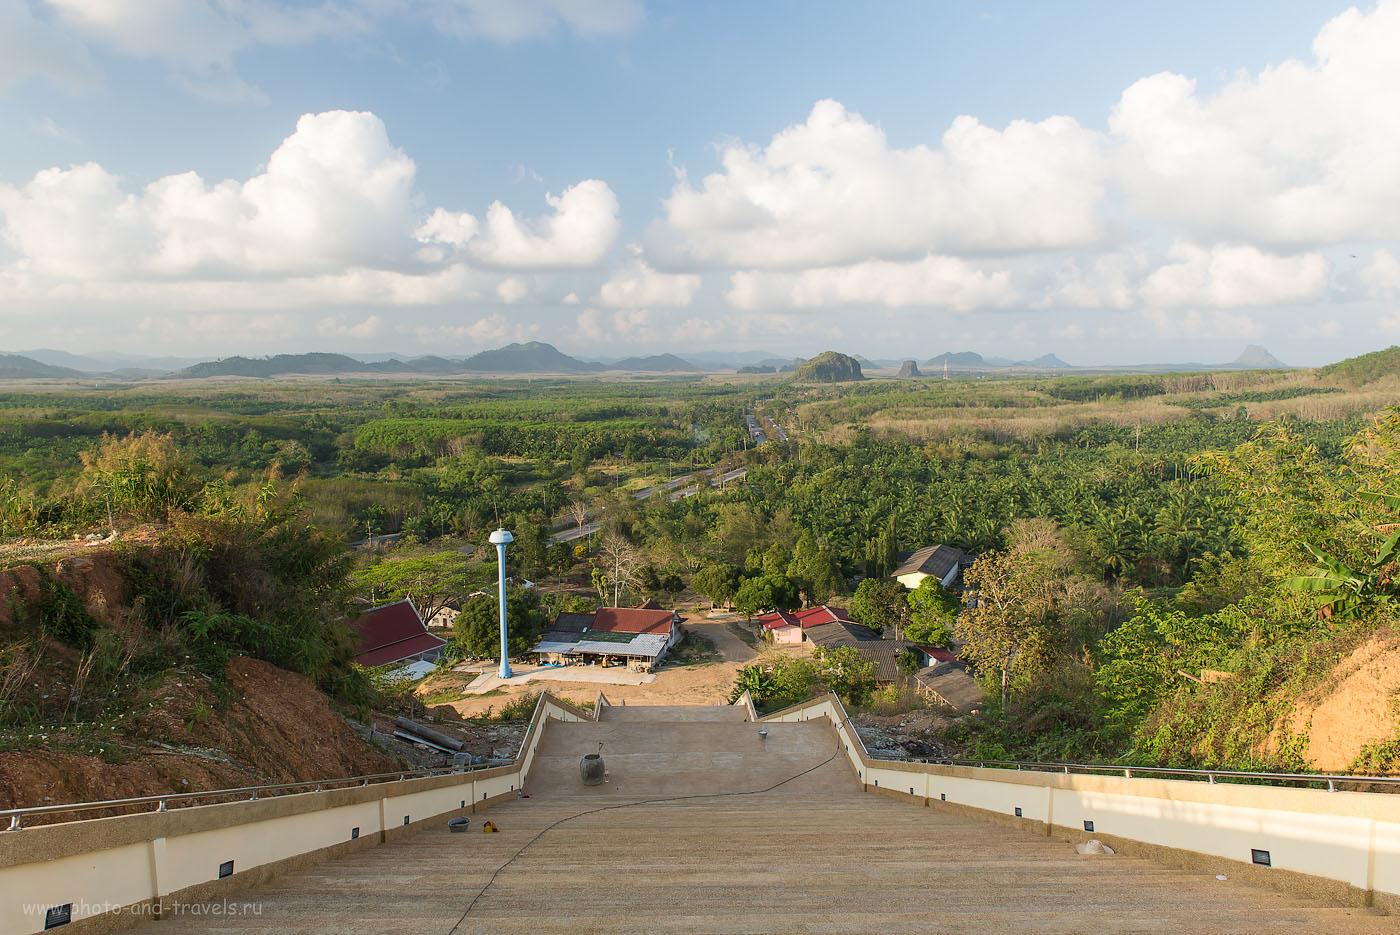 Фотография 17. Дорога в сторону Хуахина. Путешествие по Таиланду дикарем на машине (250, 24, 10.0, 1/60)